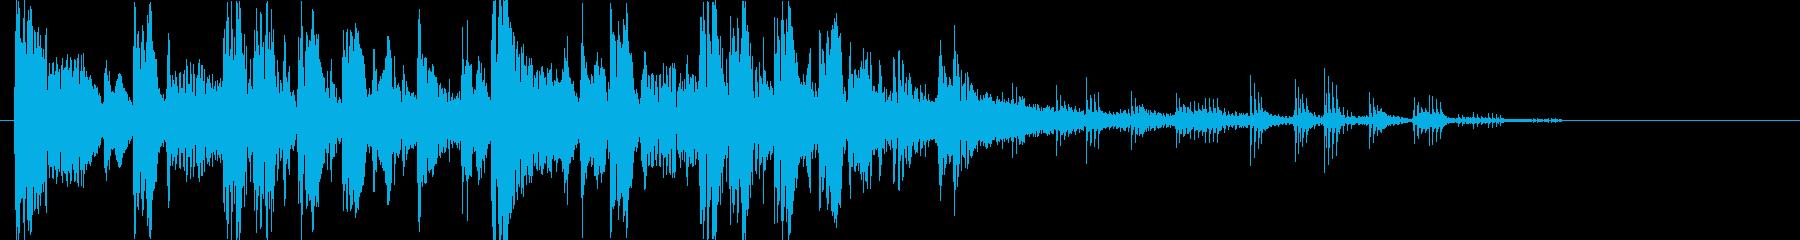 重低音&パワフルなエレクトロニックロゴの再生済みの波形